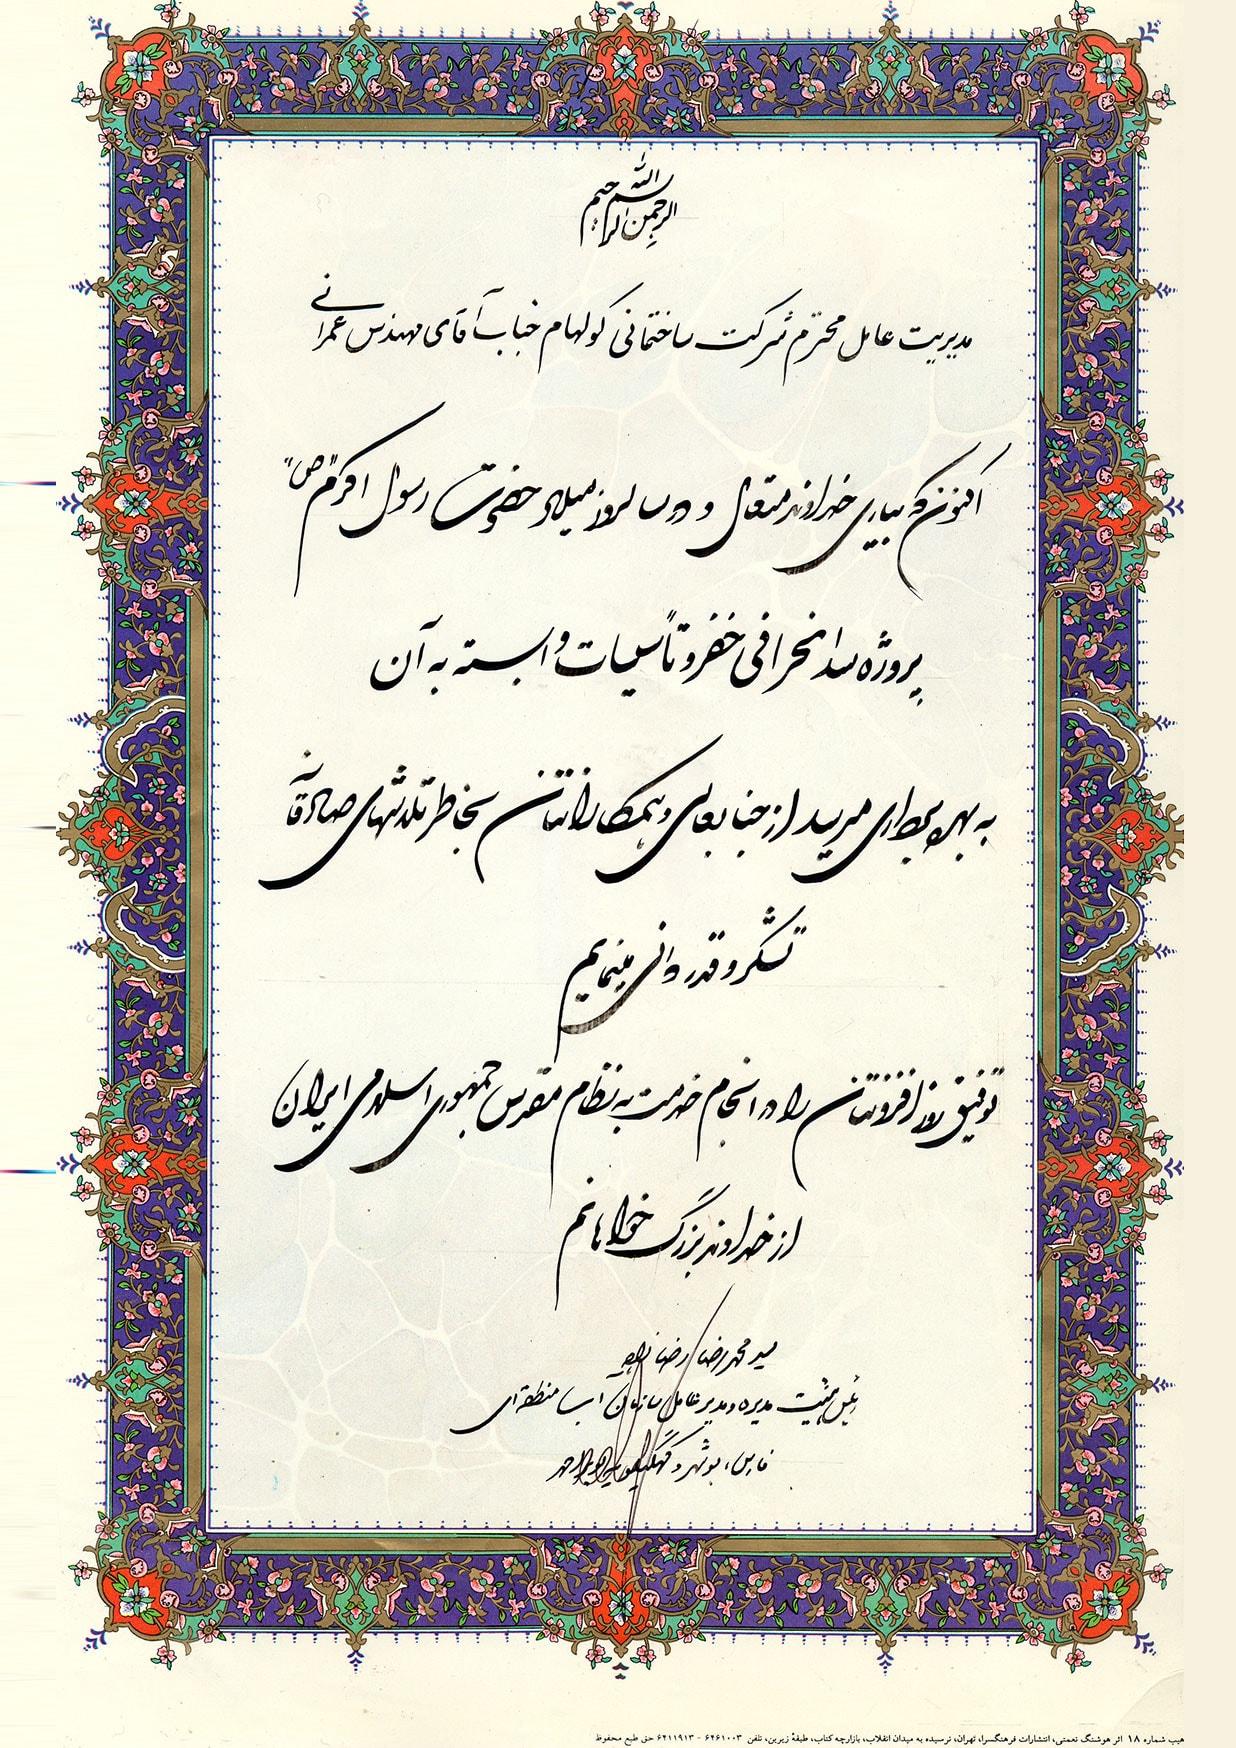 تقدیر نامه دریافتی سد انحرافی خفر از طرف میر عامل منطقه ای فارس